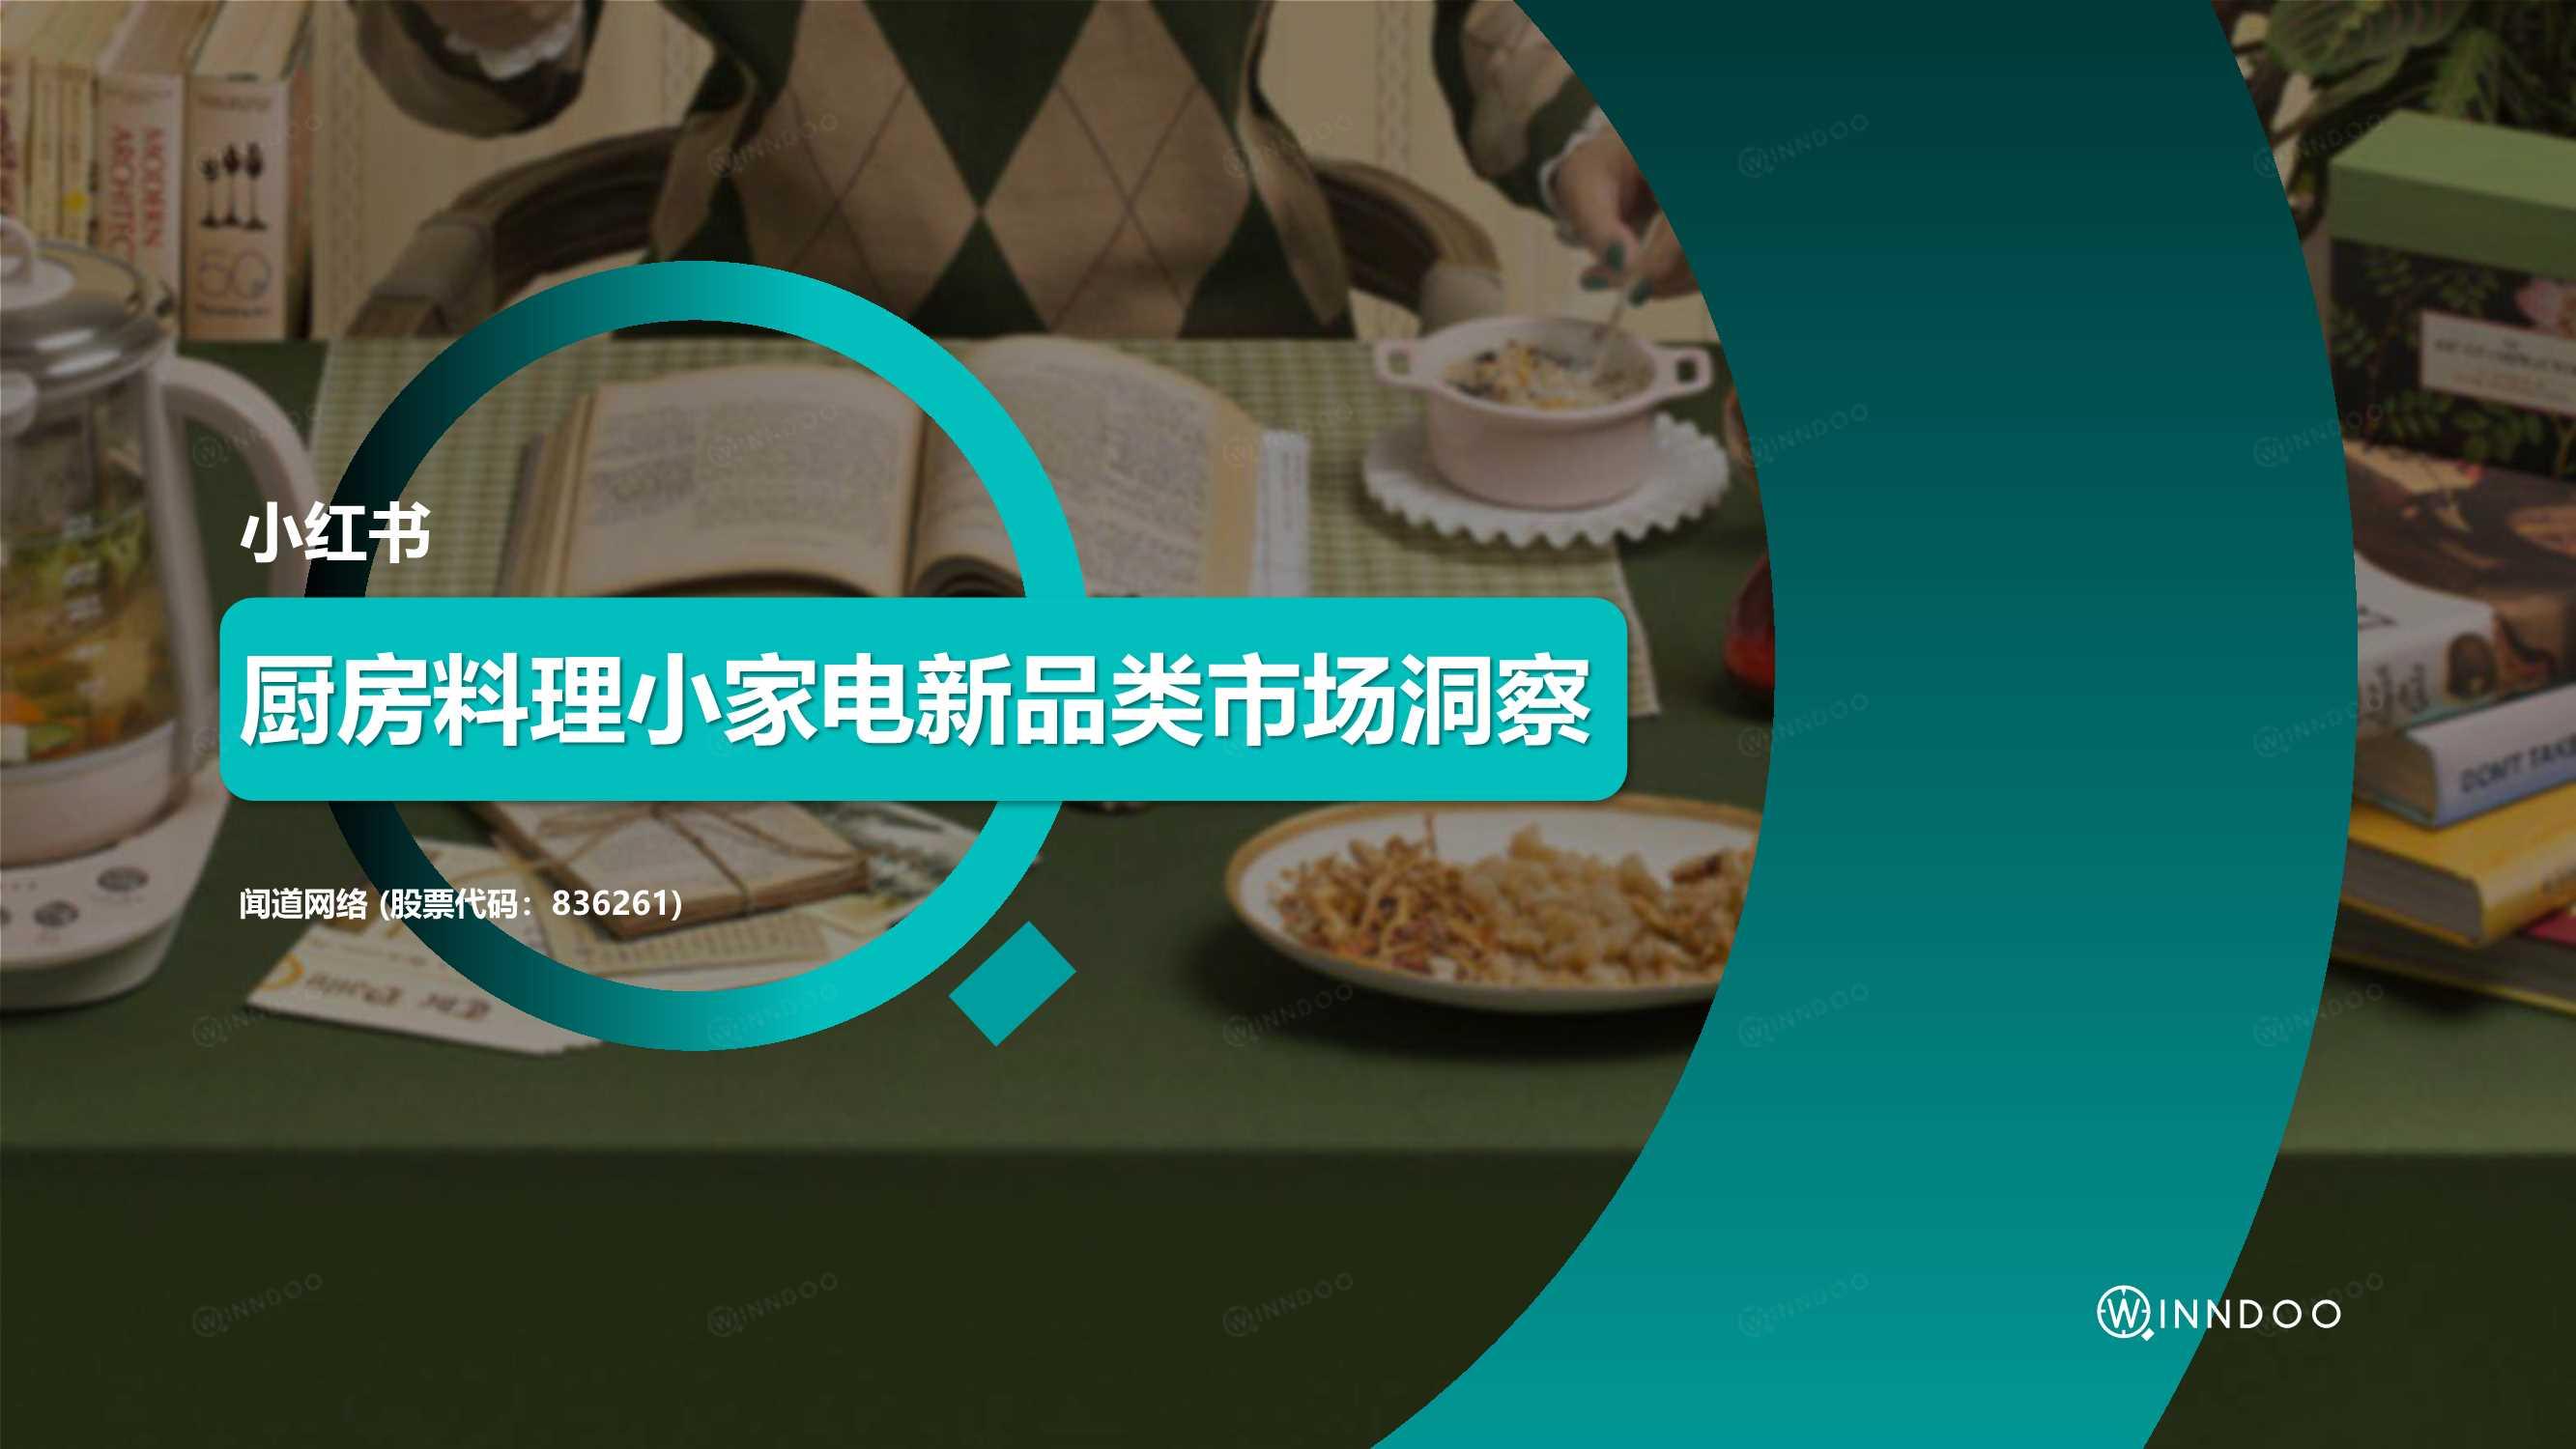 闻道网络-小红书厨房料理小家电新品类市场洞察(2021)-2021.09-30页